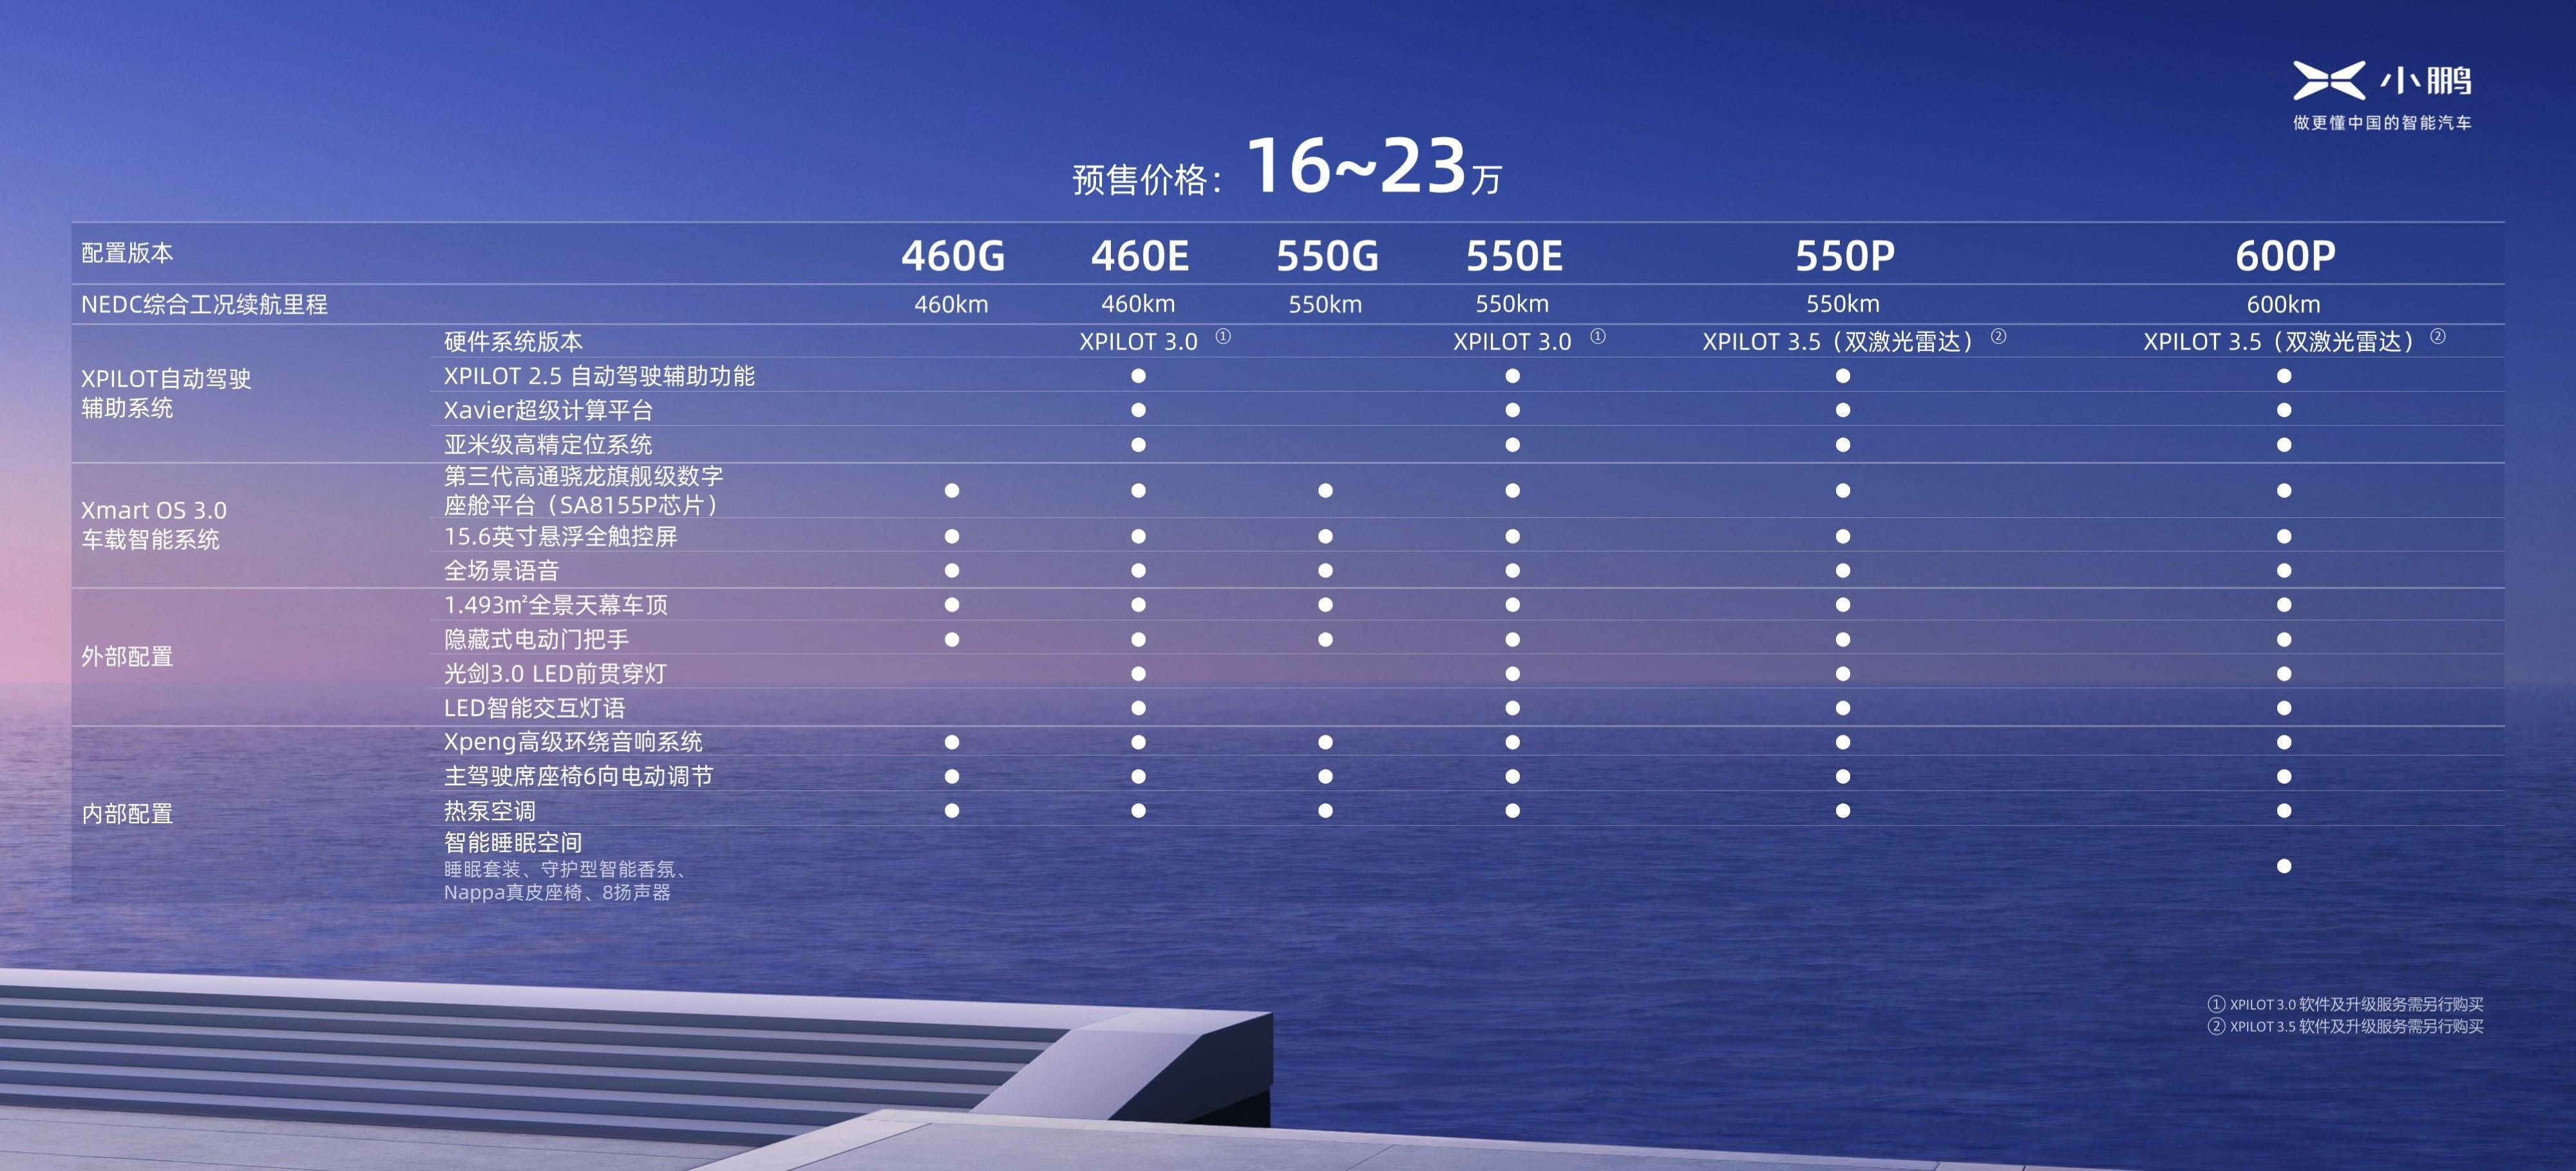 小鹏P5提供六种配置/来源:小鹏汽车官方